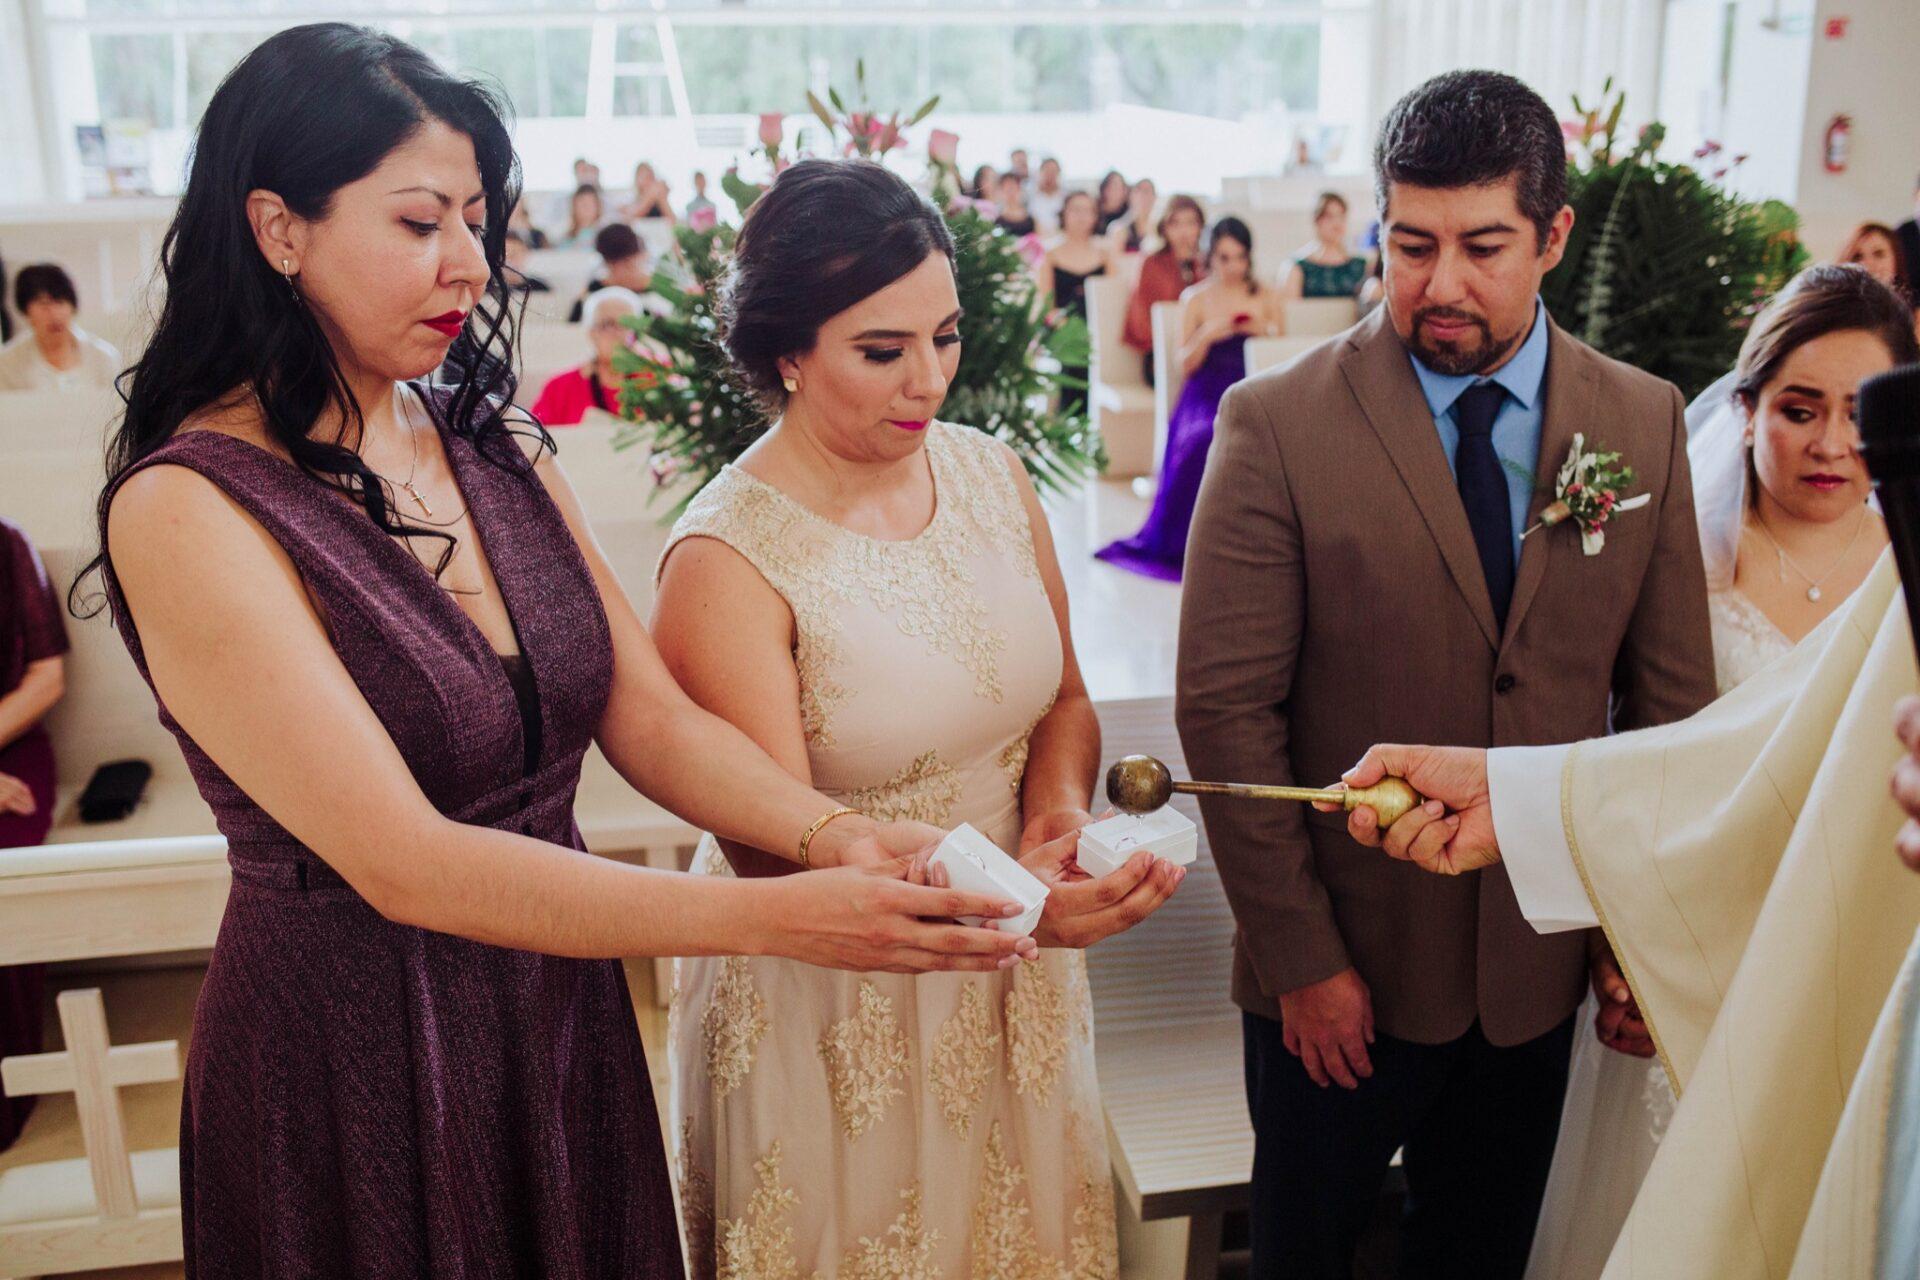 javier_noriega_fotografo_bodas_los_gaviones_zacatecas_wedding_photographer8